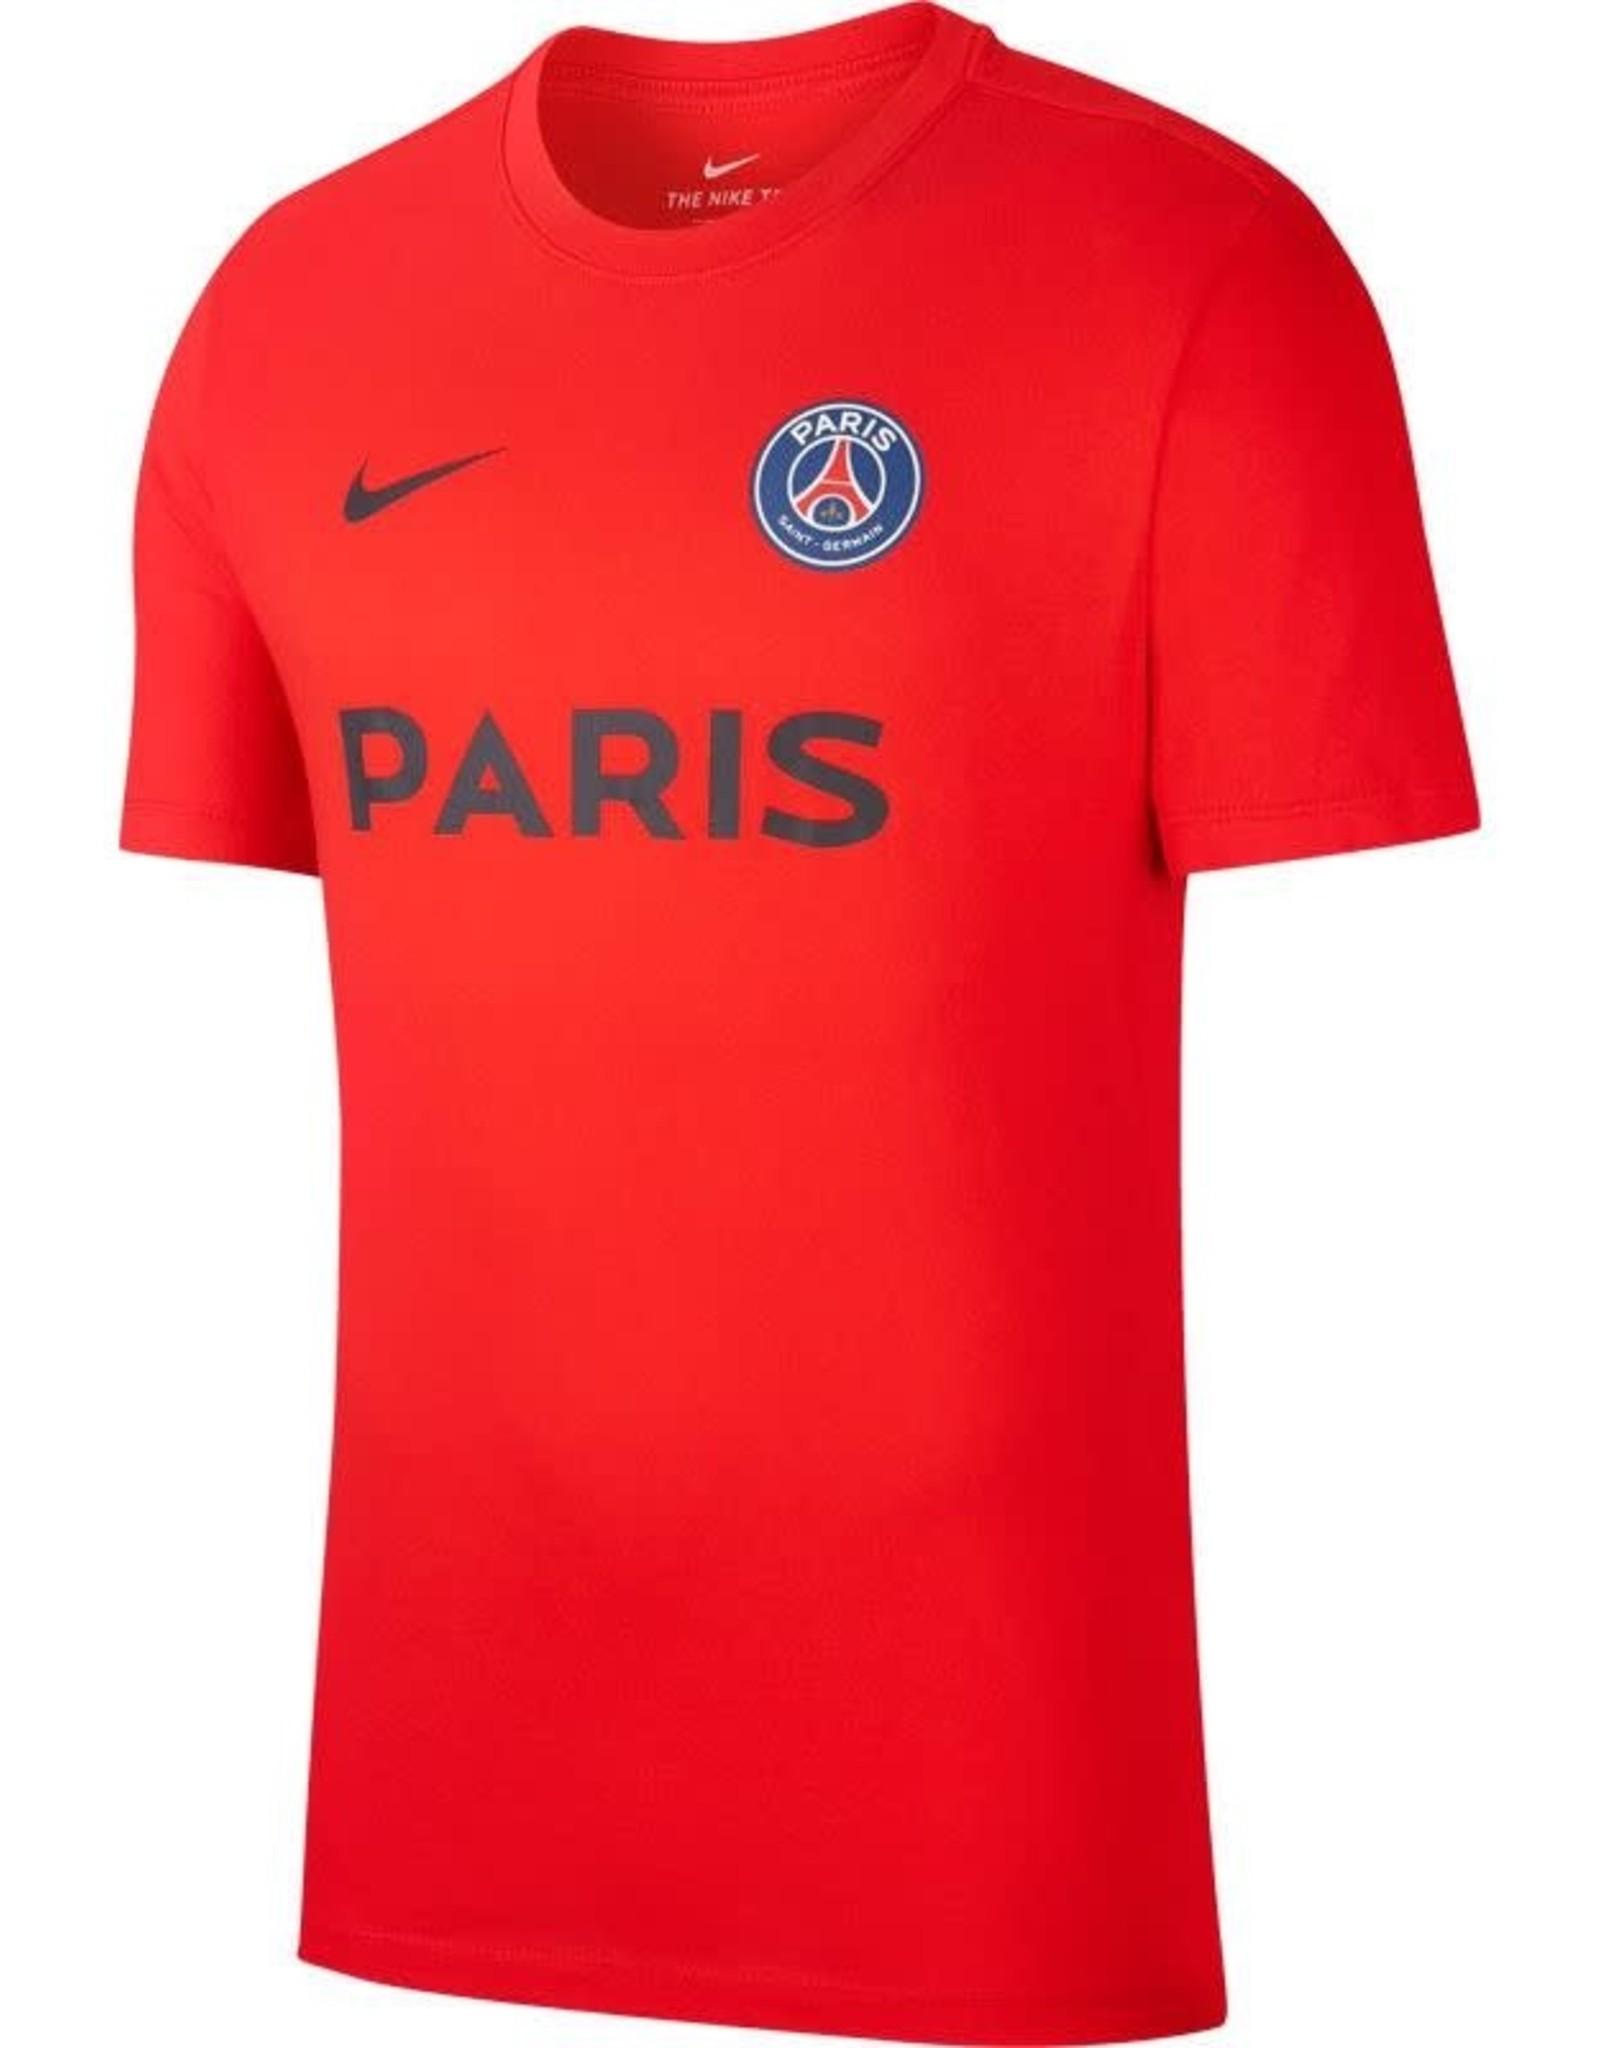 Nike Nike psg tshirt ar0283